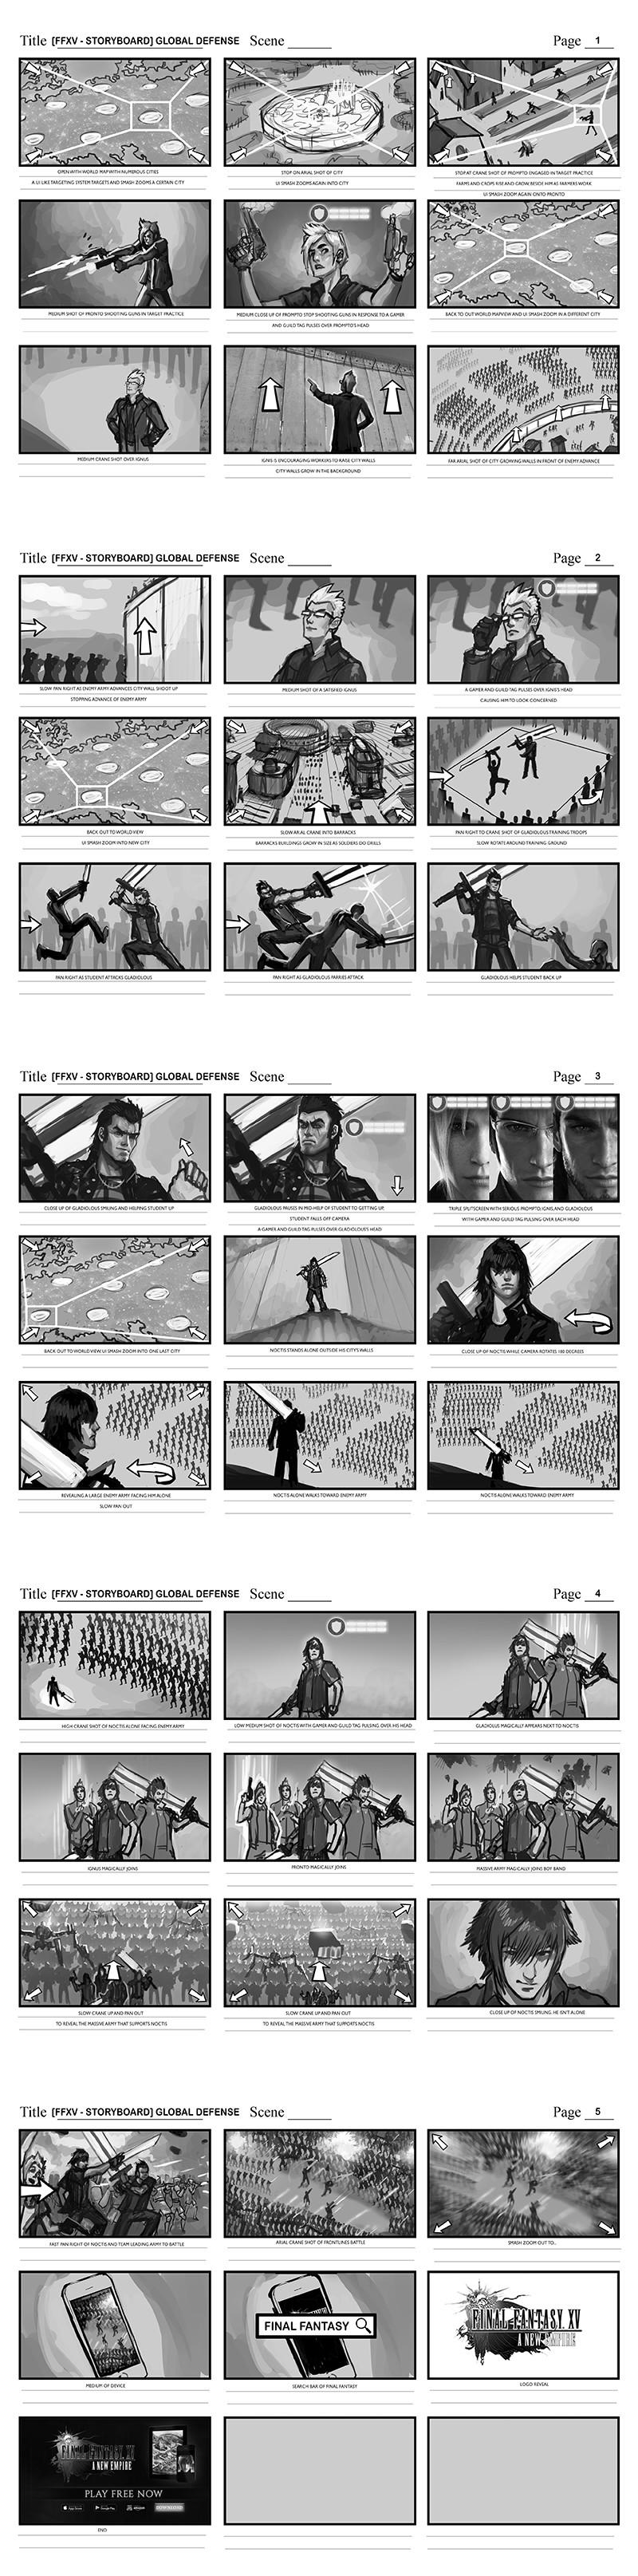 Efrem palacios ffxv storyboard global defense